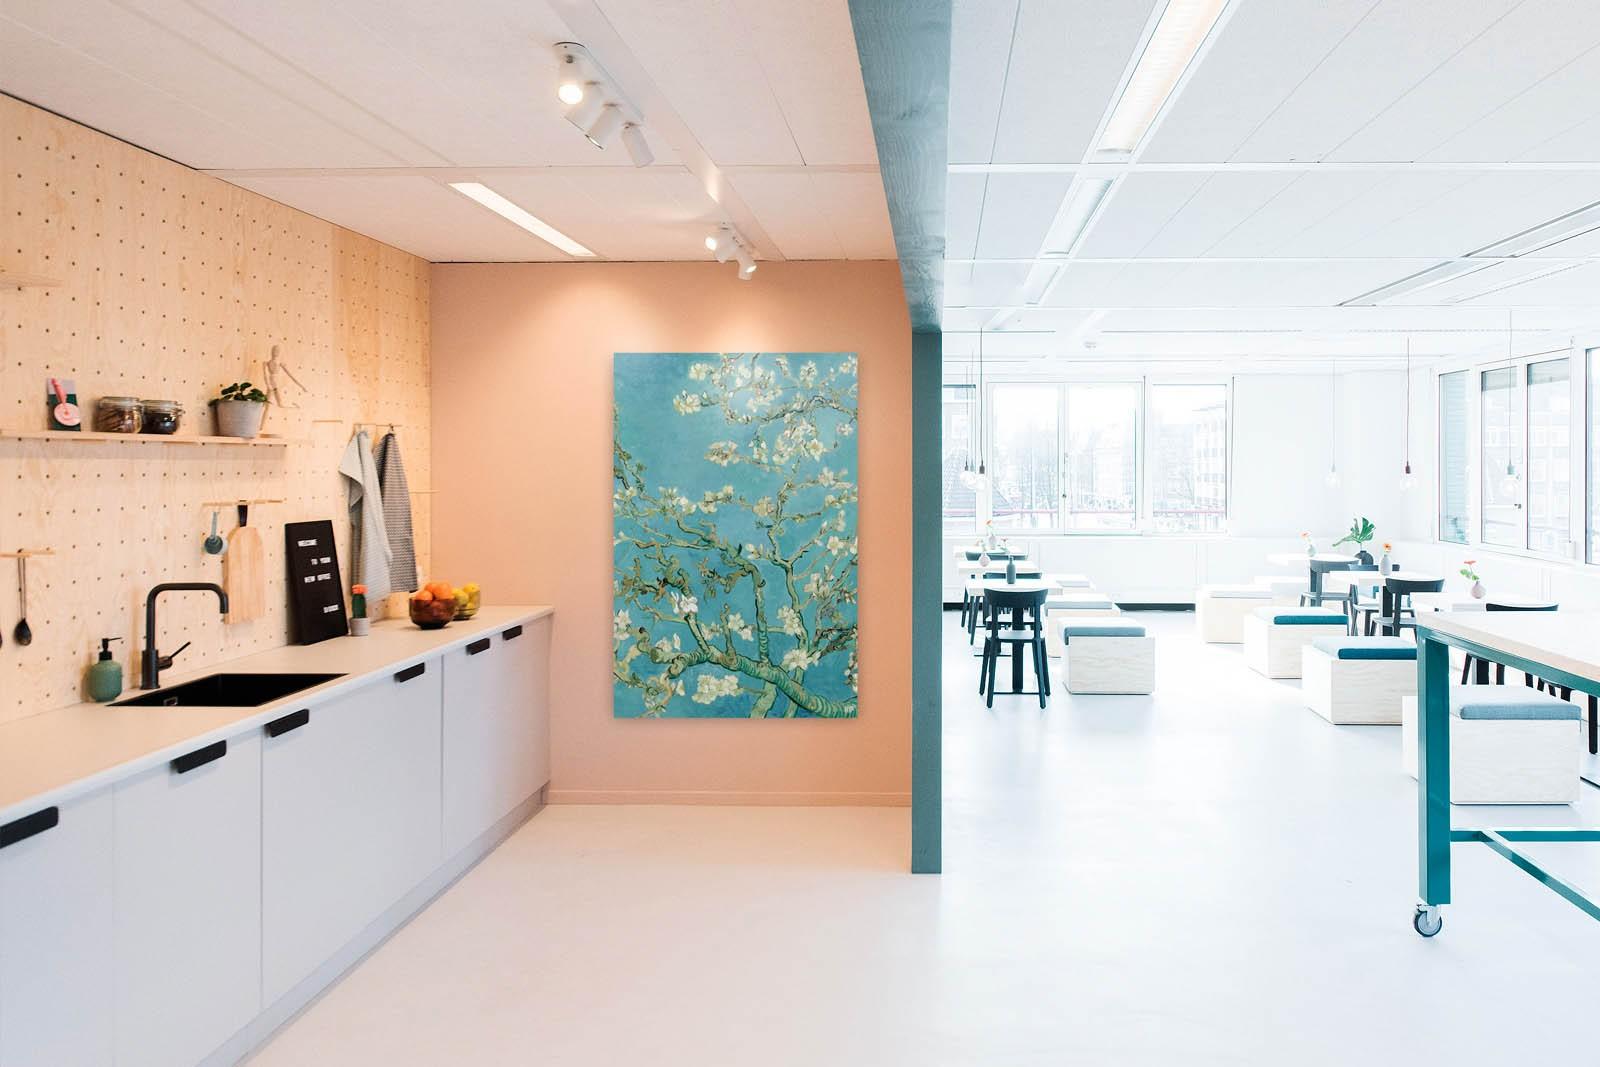 Werkruimte met een vierkante wanddecoratie van bloemen erop.